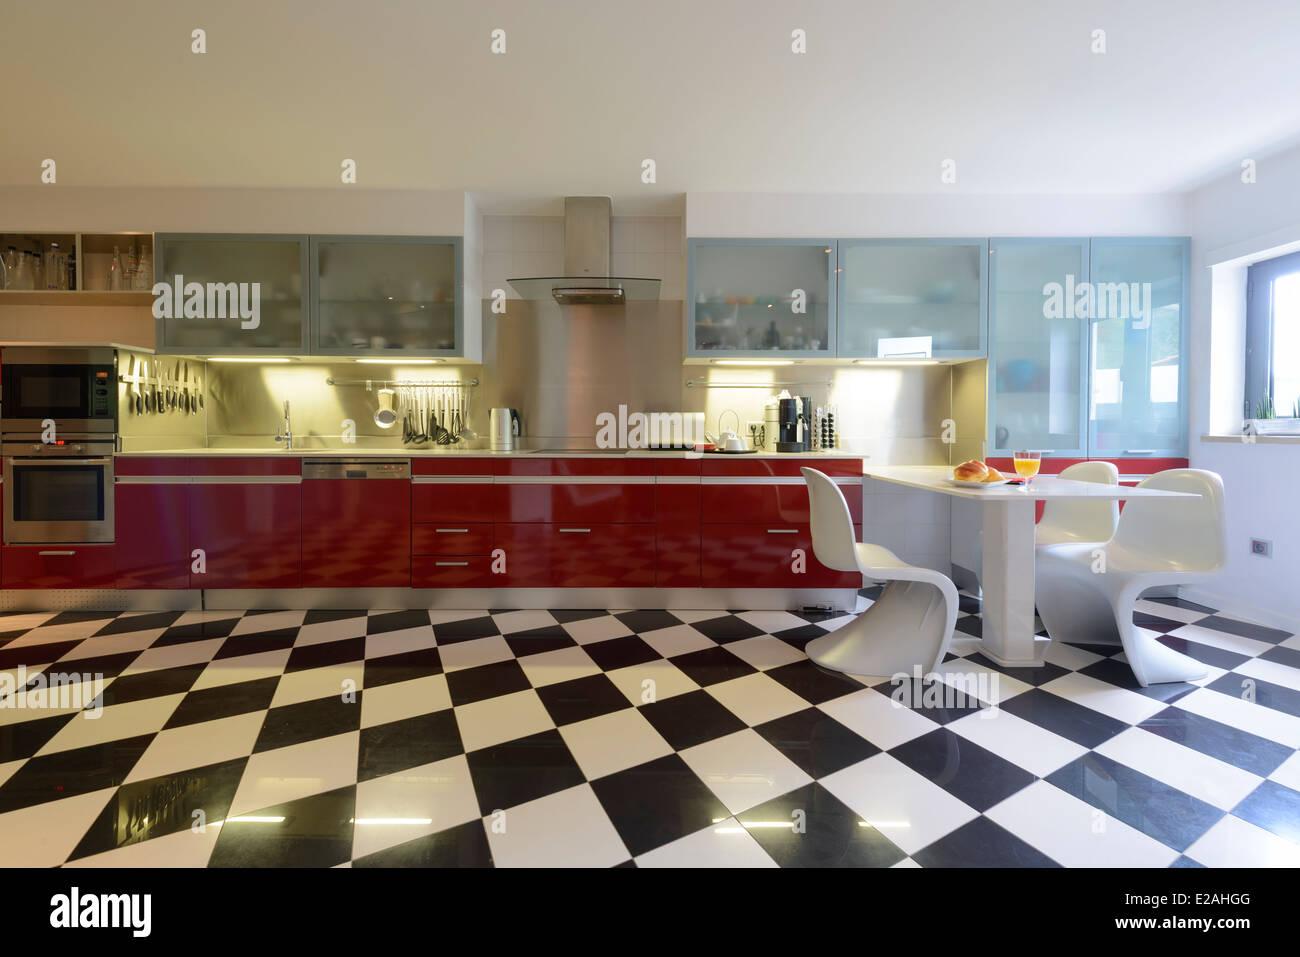 Modern Kitchen Interior With Checkered Floor